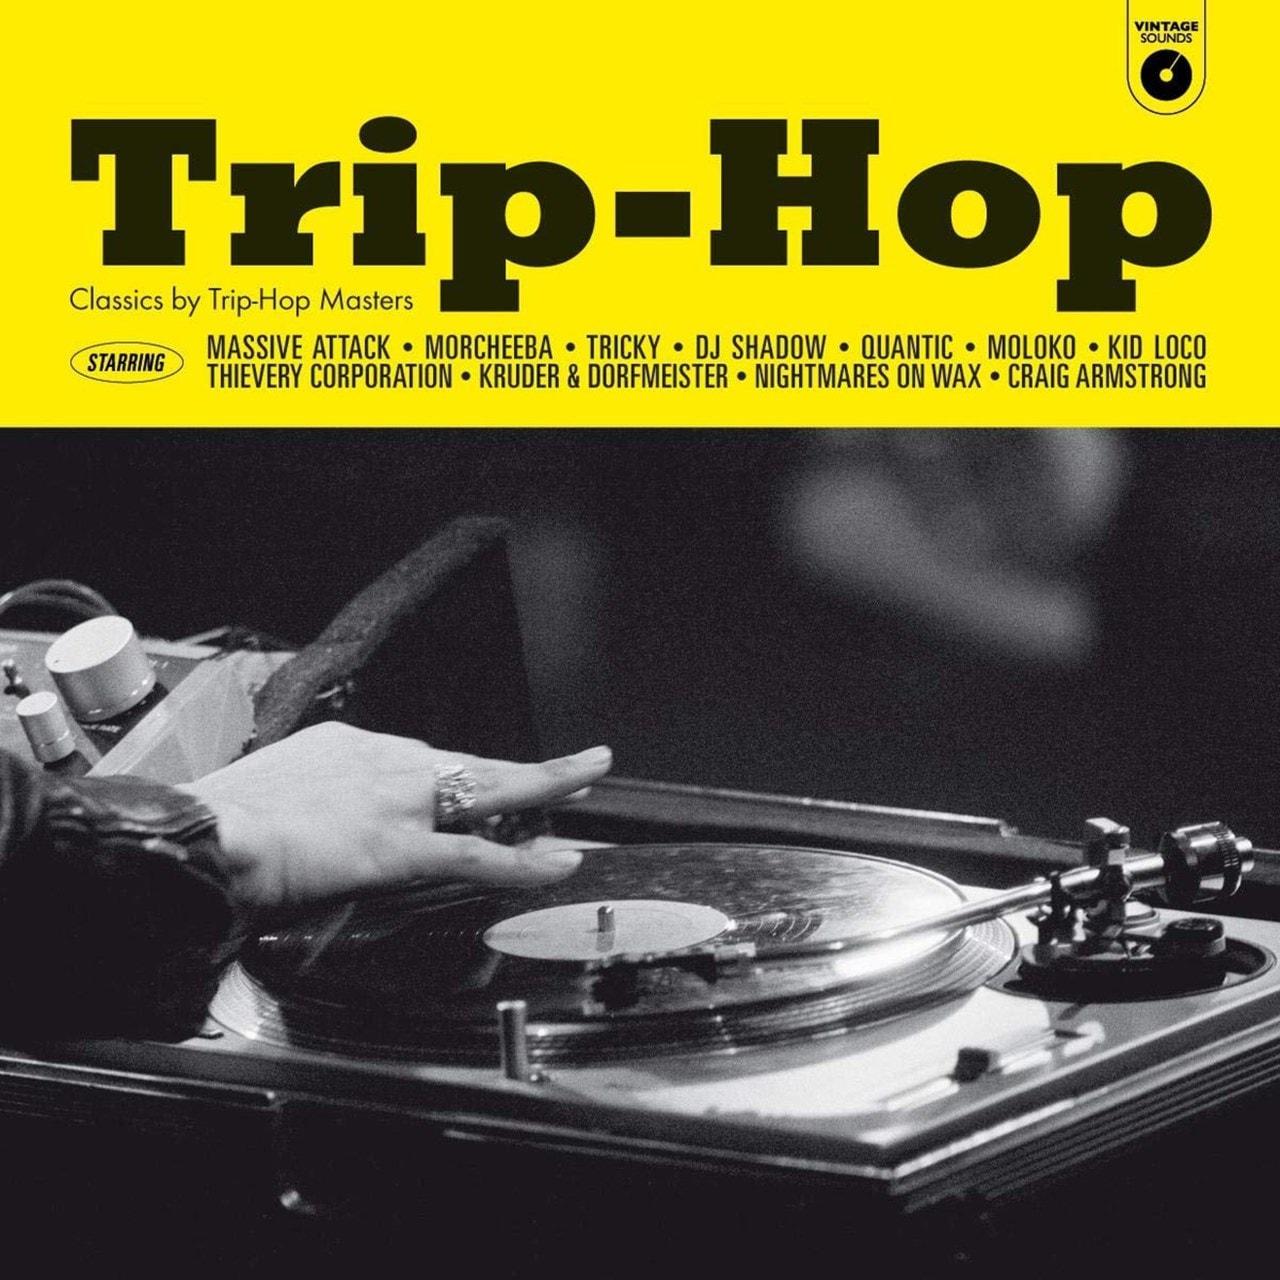 Trip-hop: Classics By Trip-hop Masters - 1